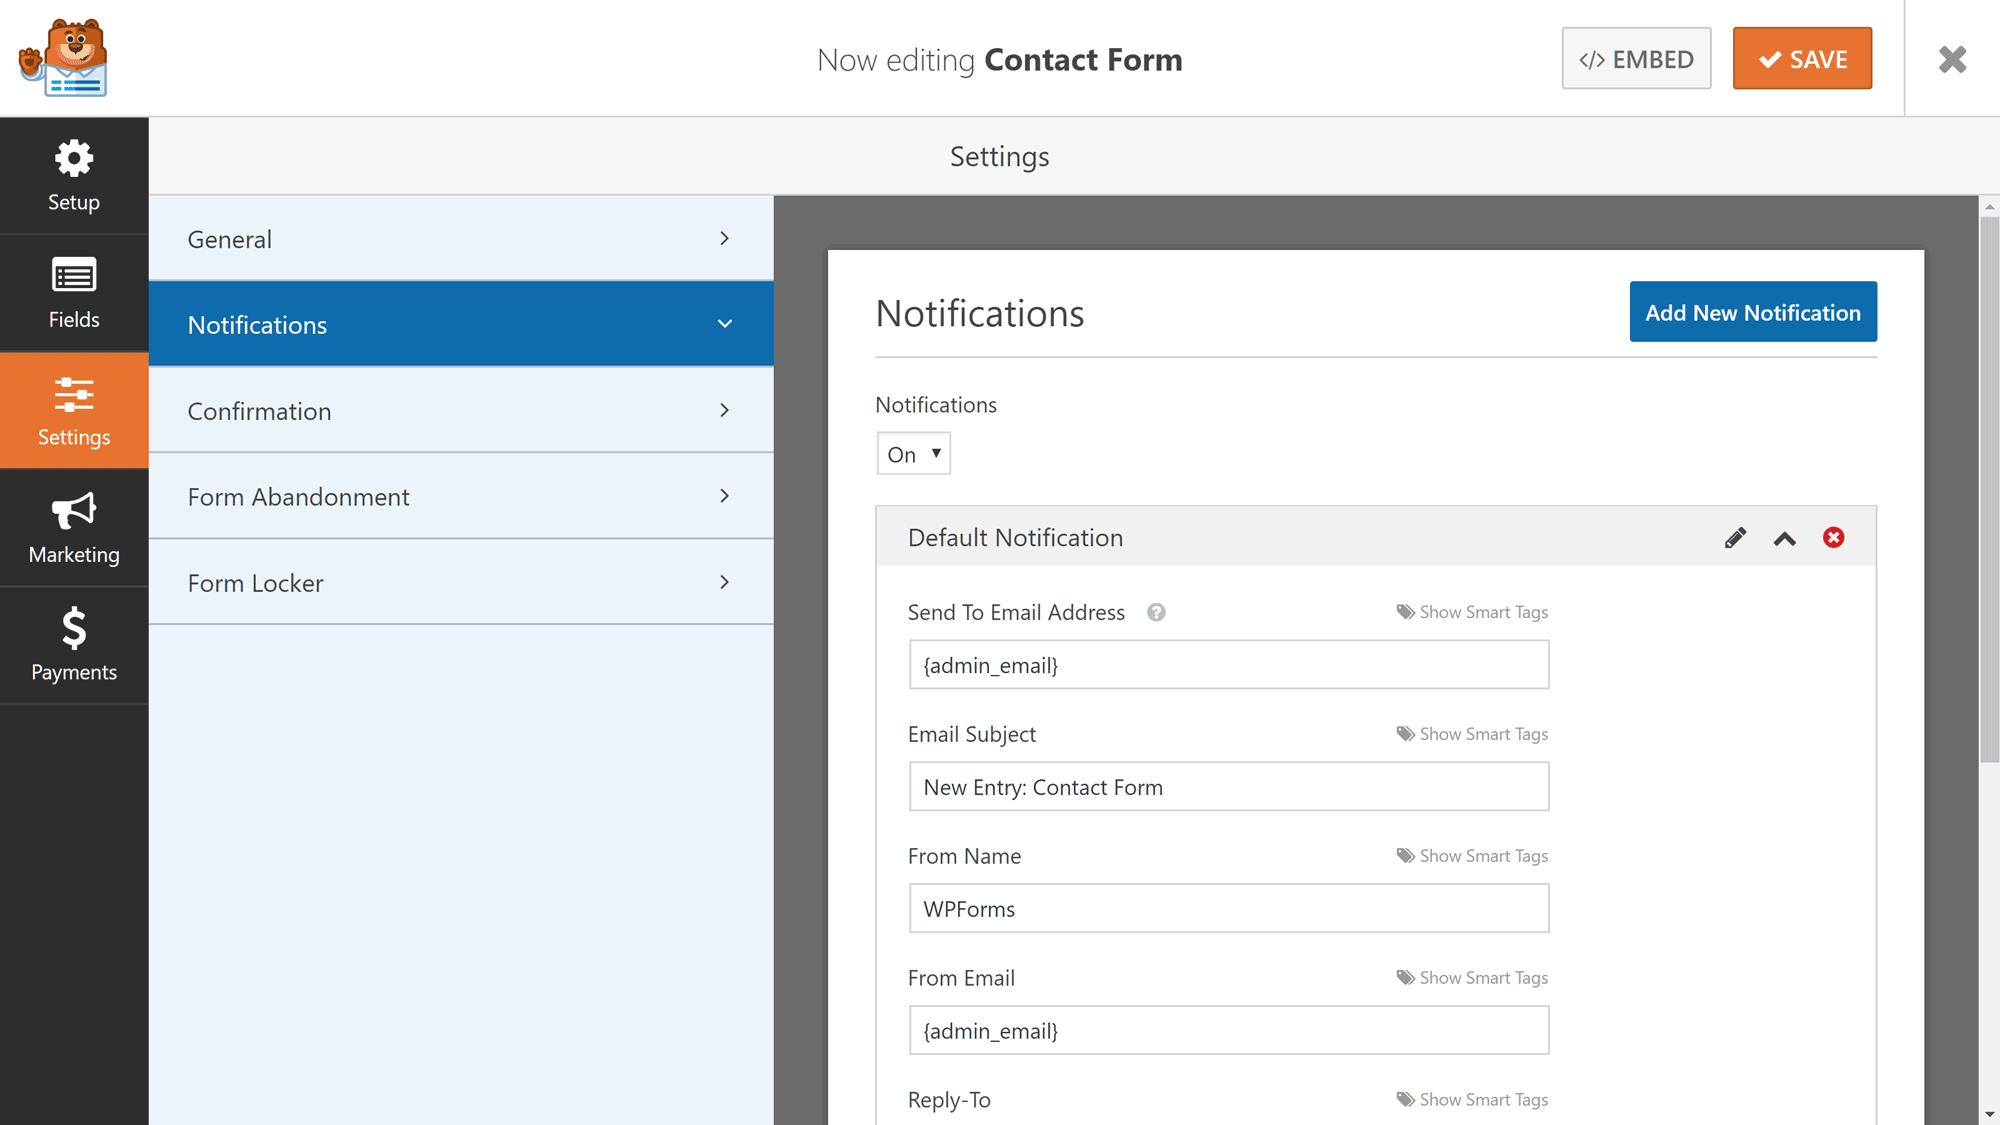 Configuración de notificación de entrada de formulario